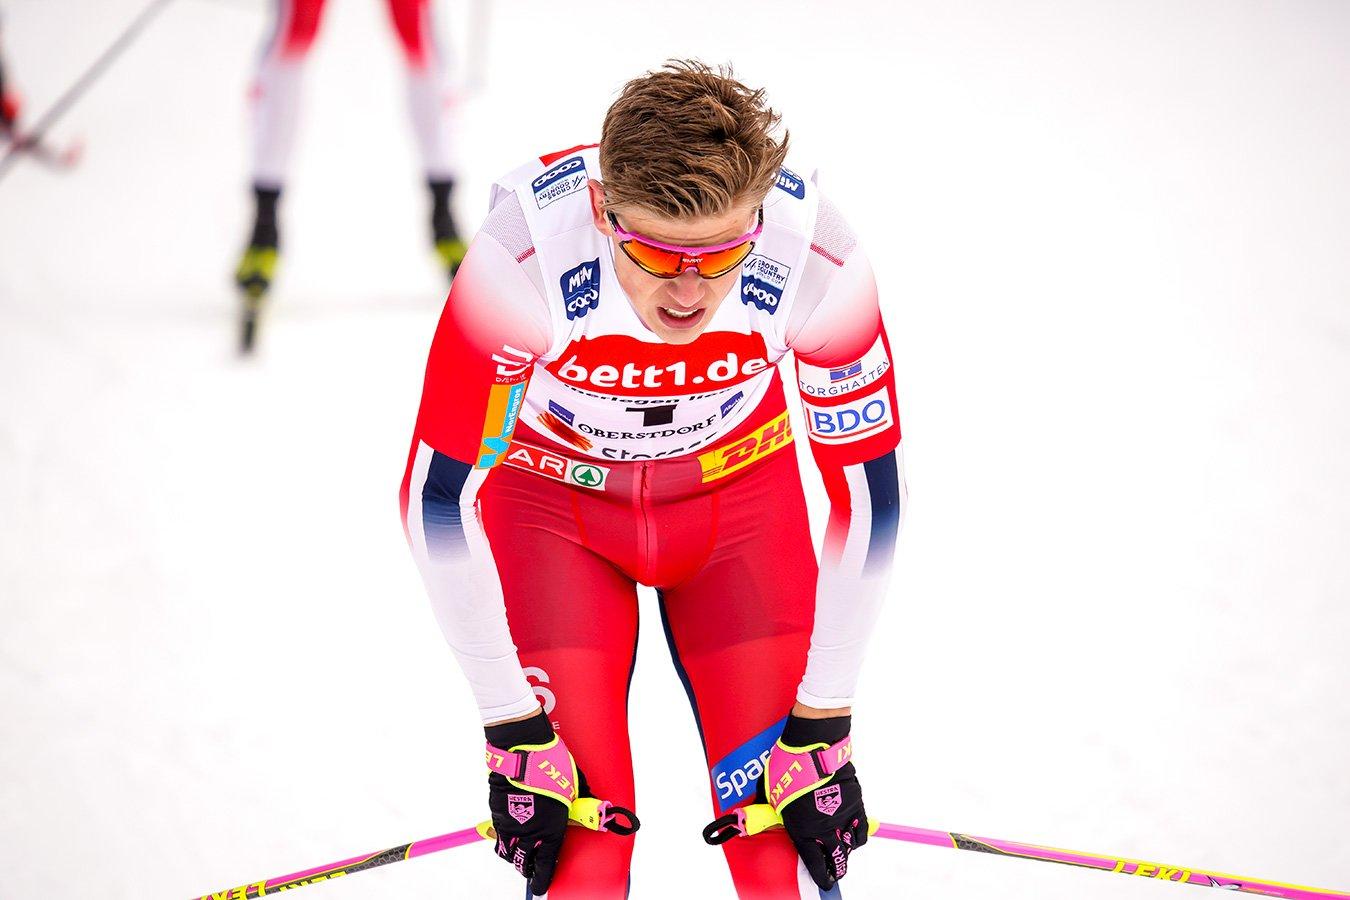 Йоханнес Клебо страдал бессонницей после обнаружения COVID-19 в норвежской команде